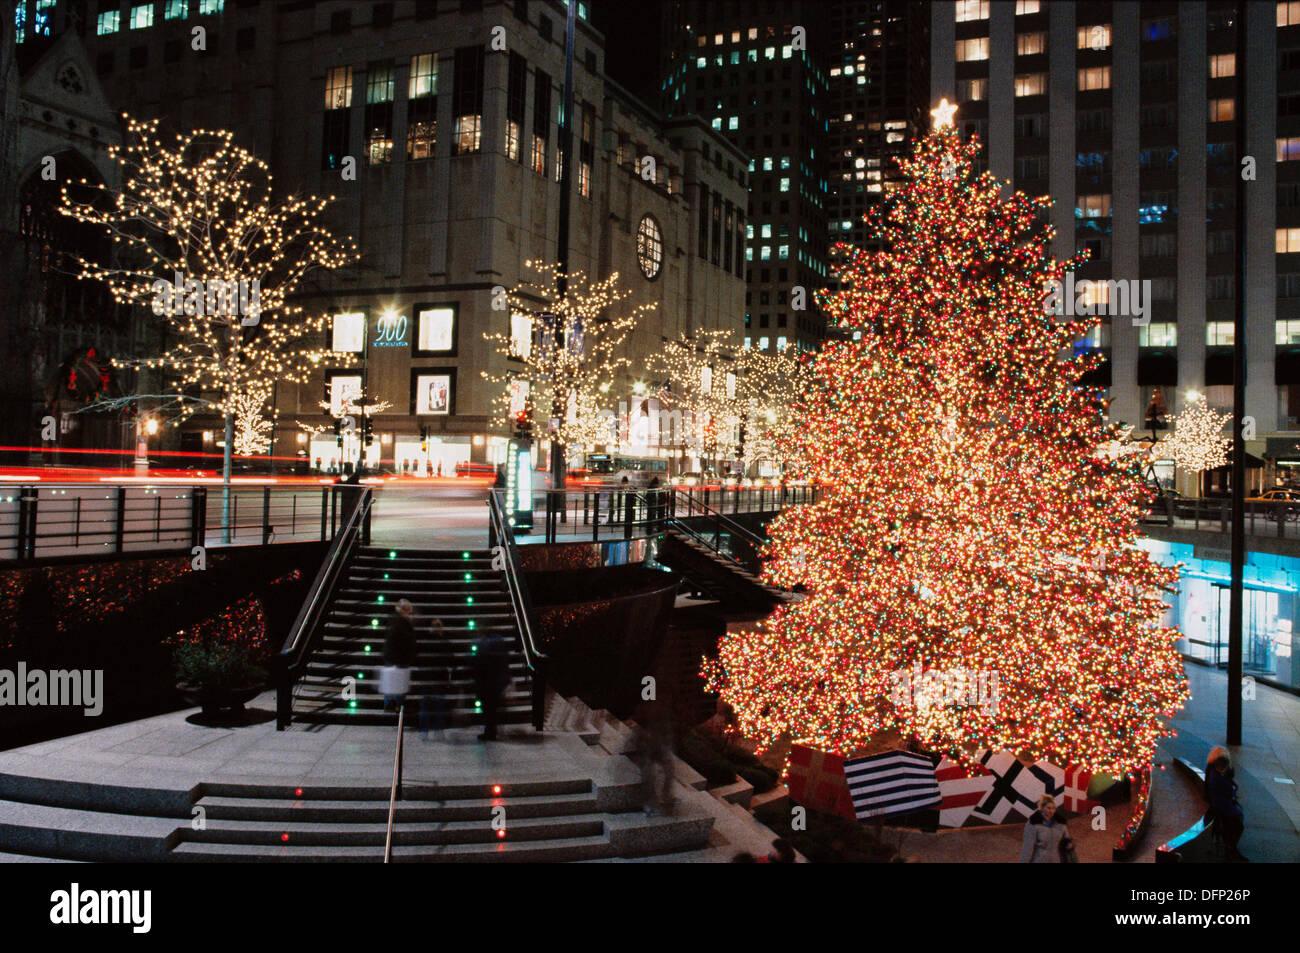 John Hancock Center, Christmas And Holiday Lights. Chicago. USA   Stock  Image